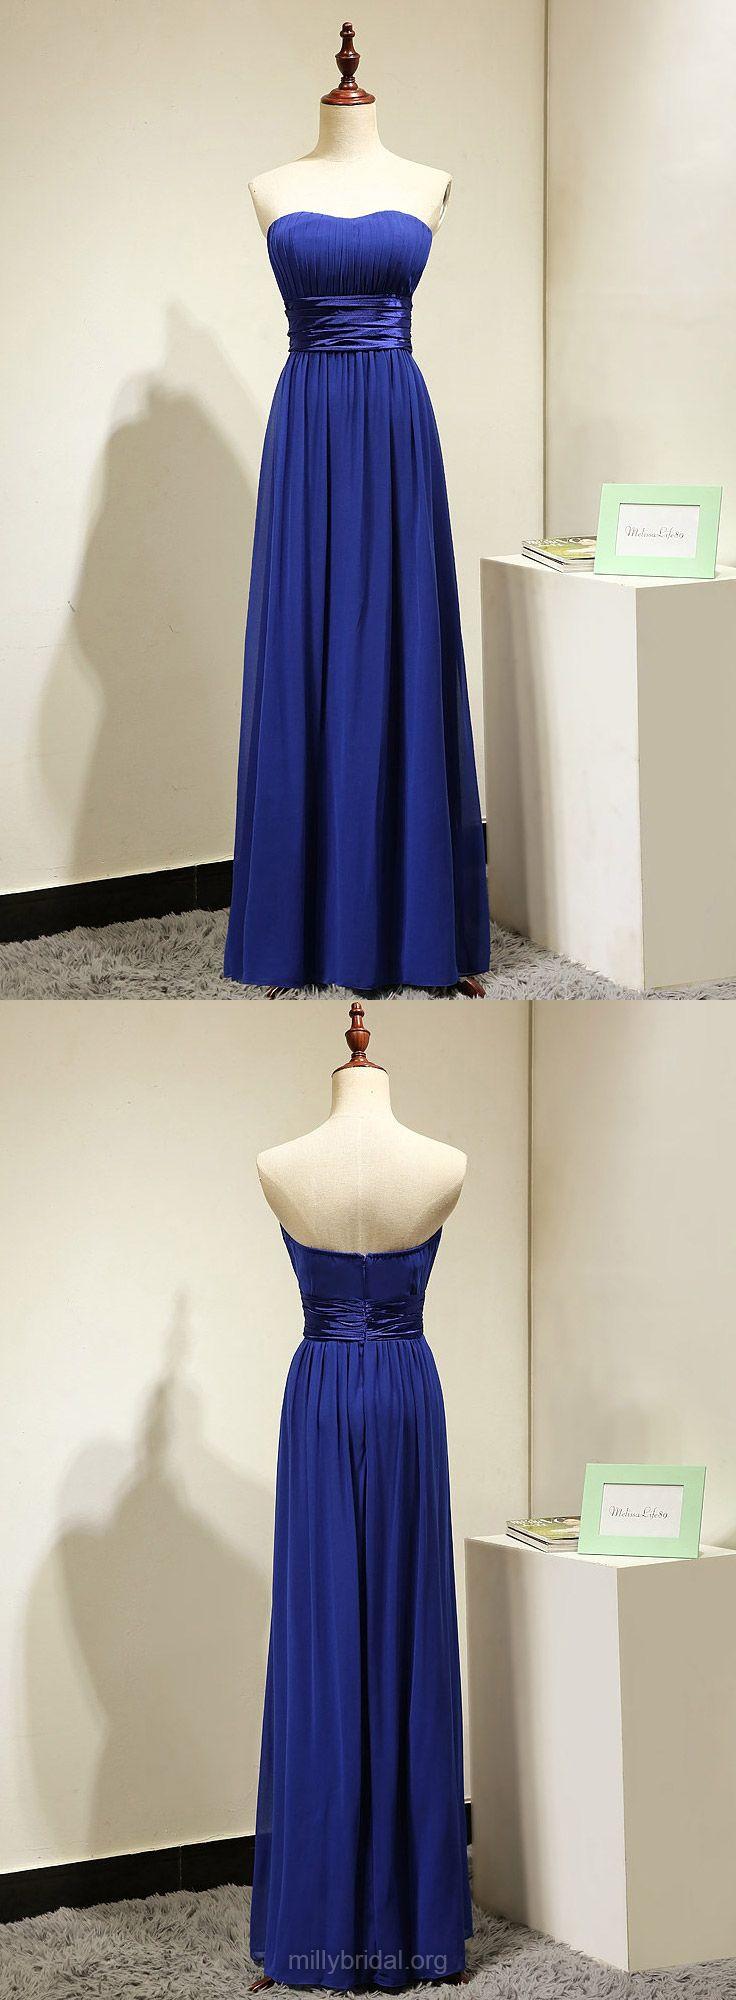 Royal Blue Bridesmaid Dresses Long, Cheap Bridesmaid Dresses A-line, Strapless Bridesmaid Dresses Chiffon, Modest Bridesmaid Dress 2018 Sashes / Ribbons